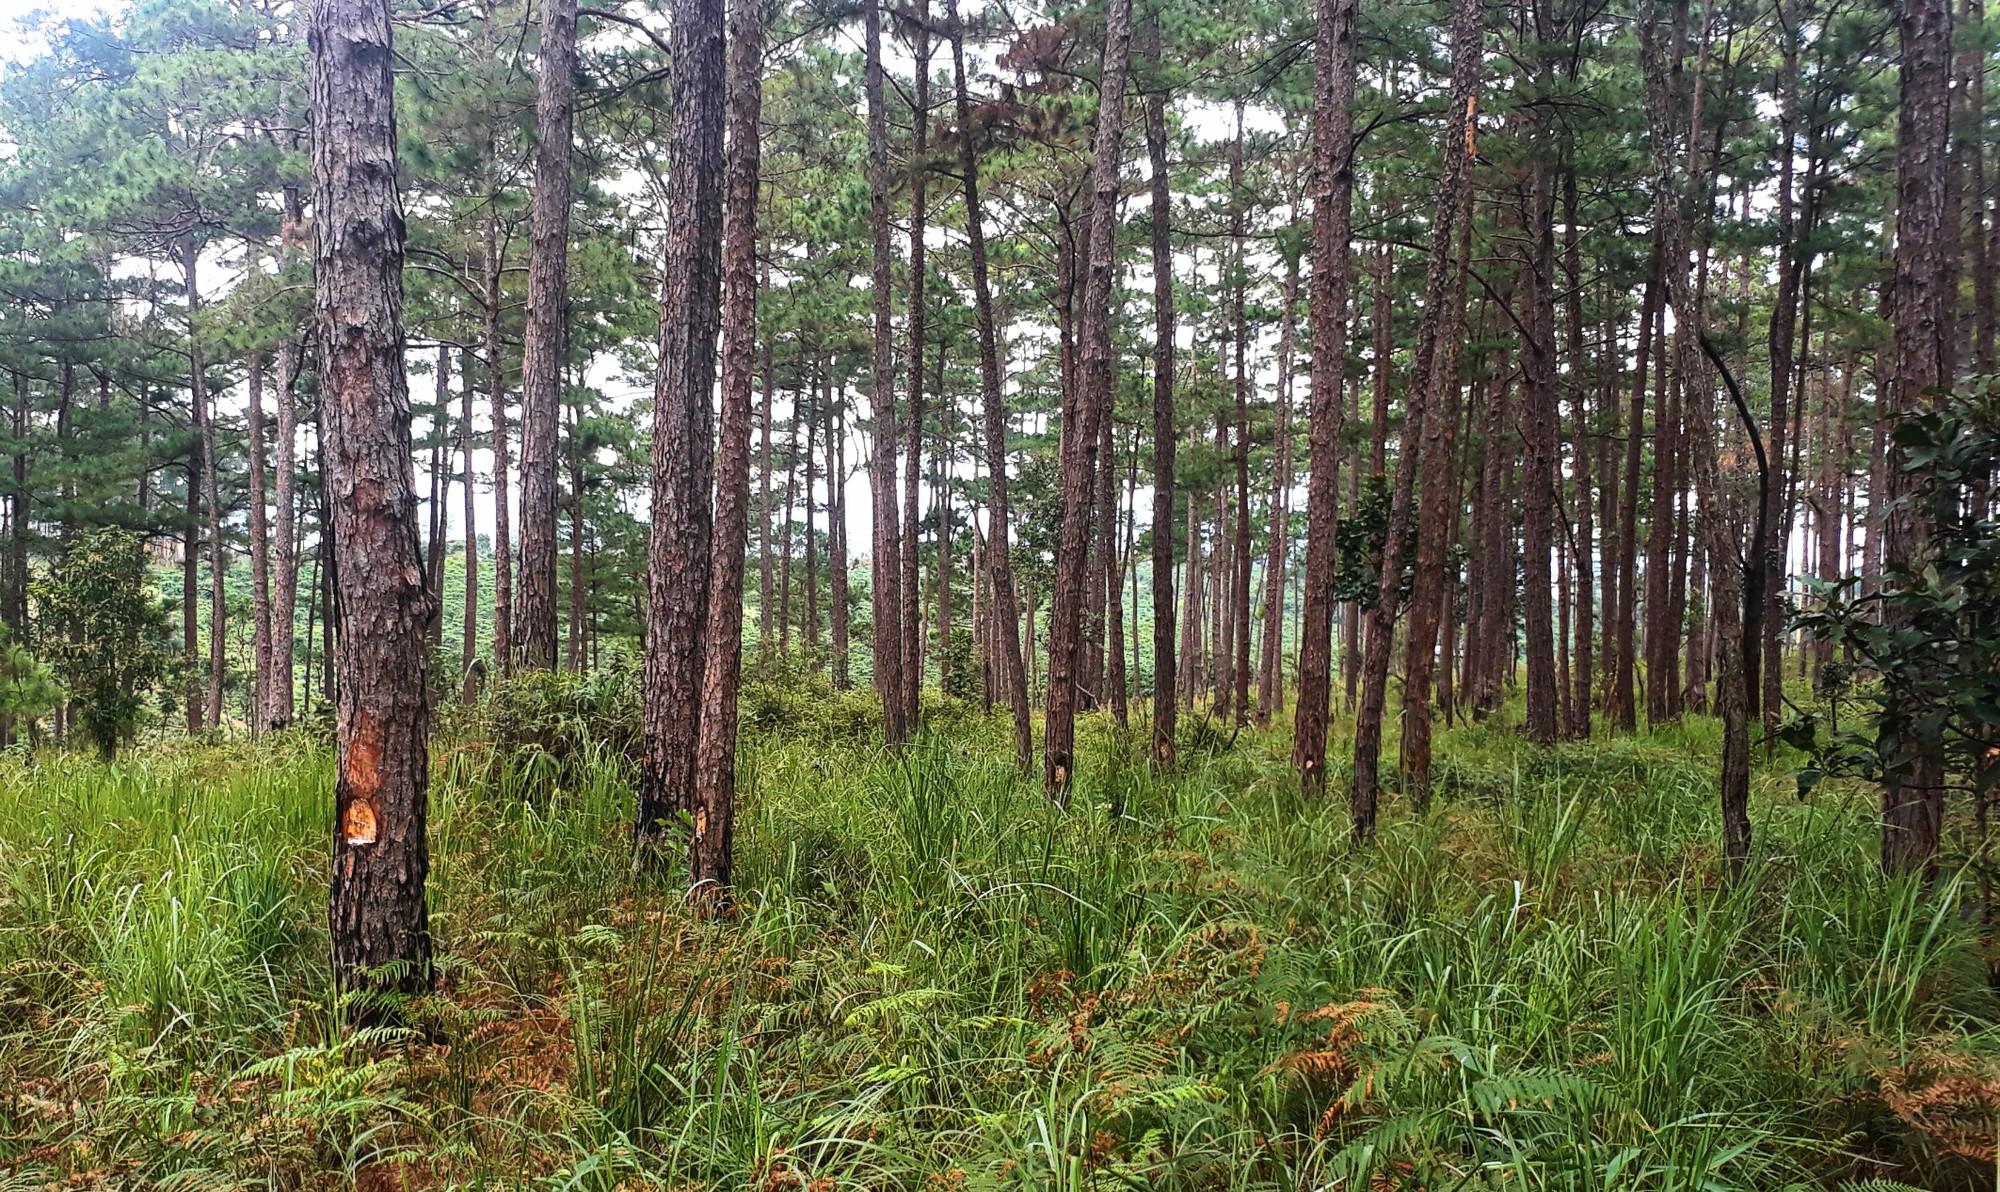 Lâm Đồng: Hơn 70 cây thông 3 lá tự nhiên bị ken gốc đổ hóa chất - Ảnh 1.